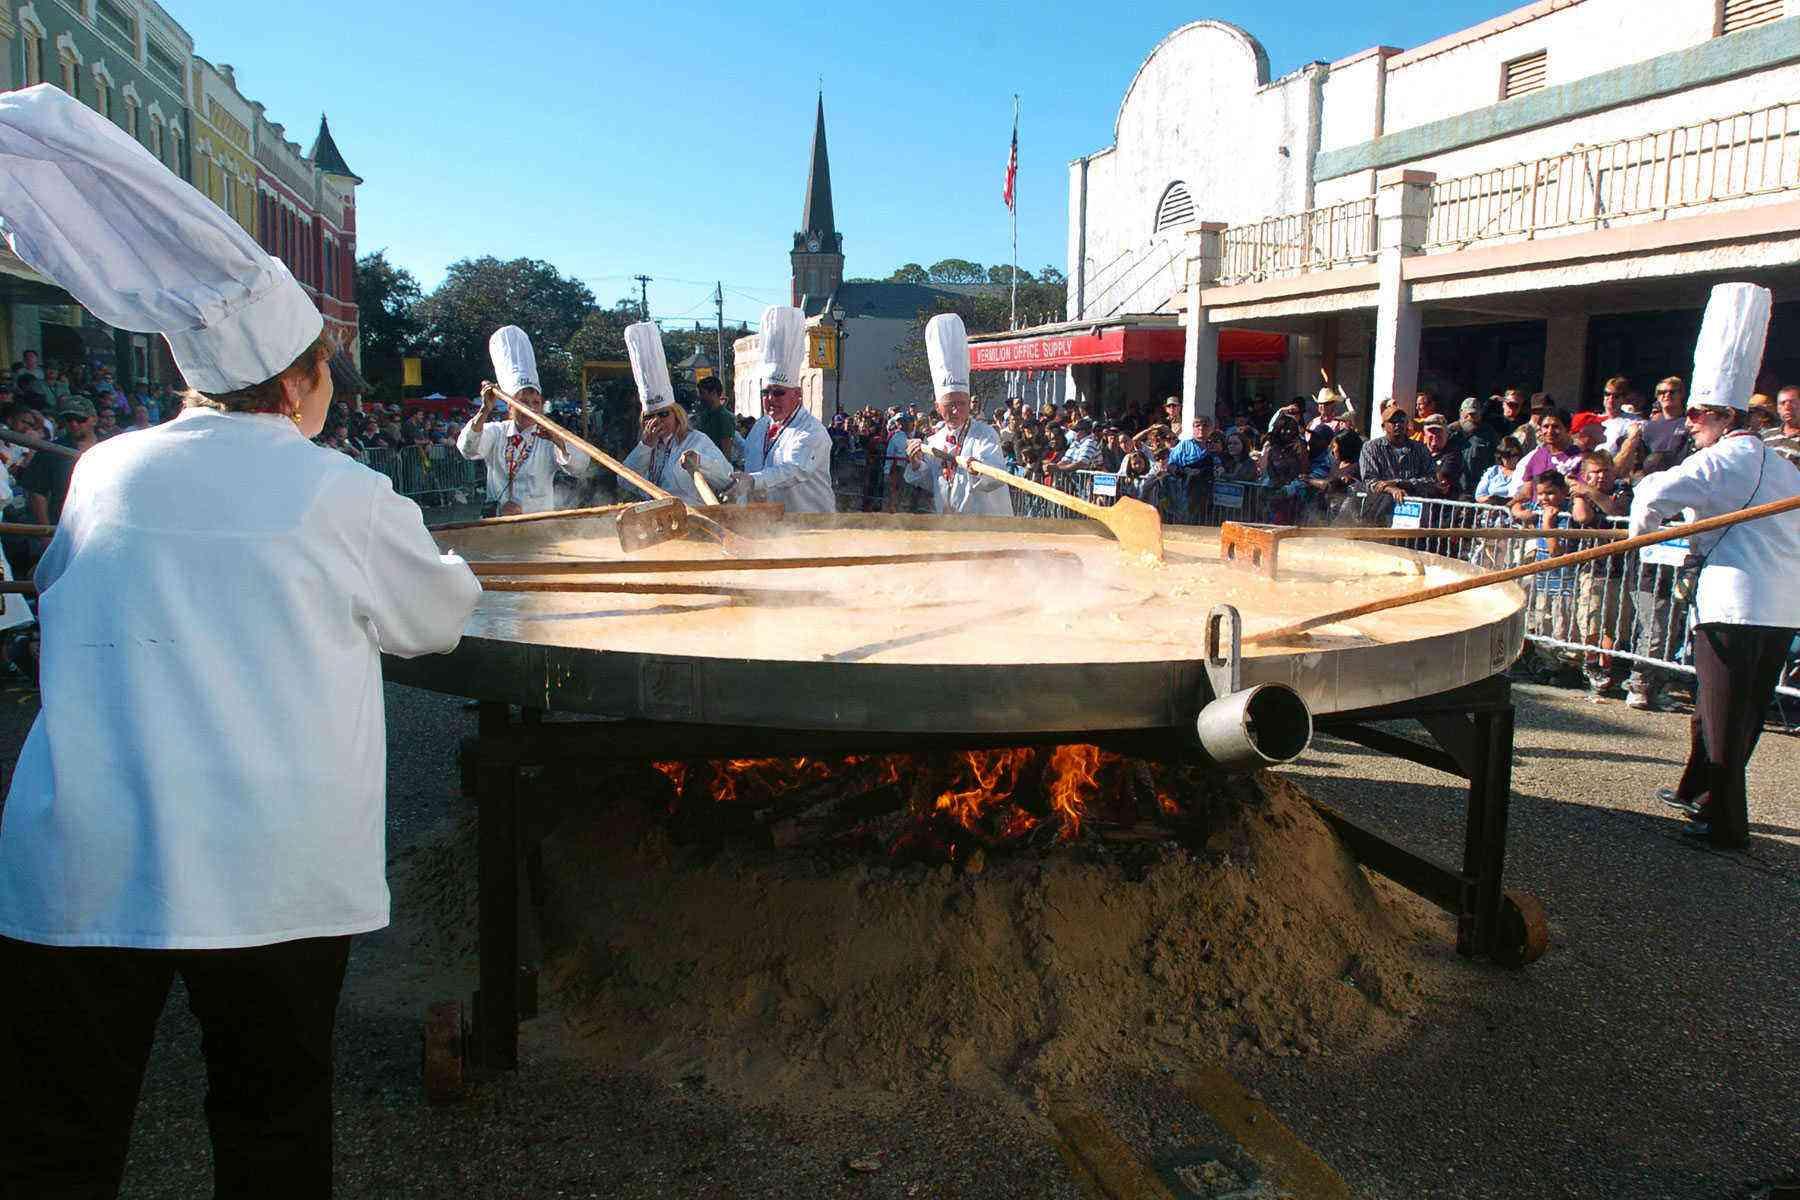 Fall-Food-Festivals-Giant-Omelette-Celebration-3